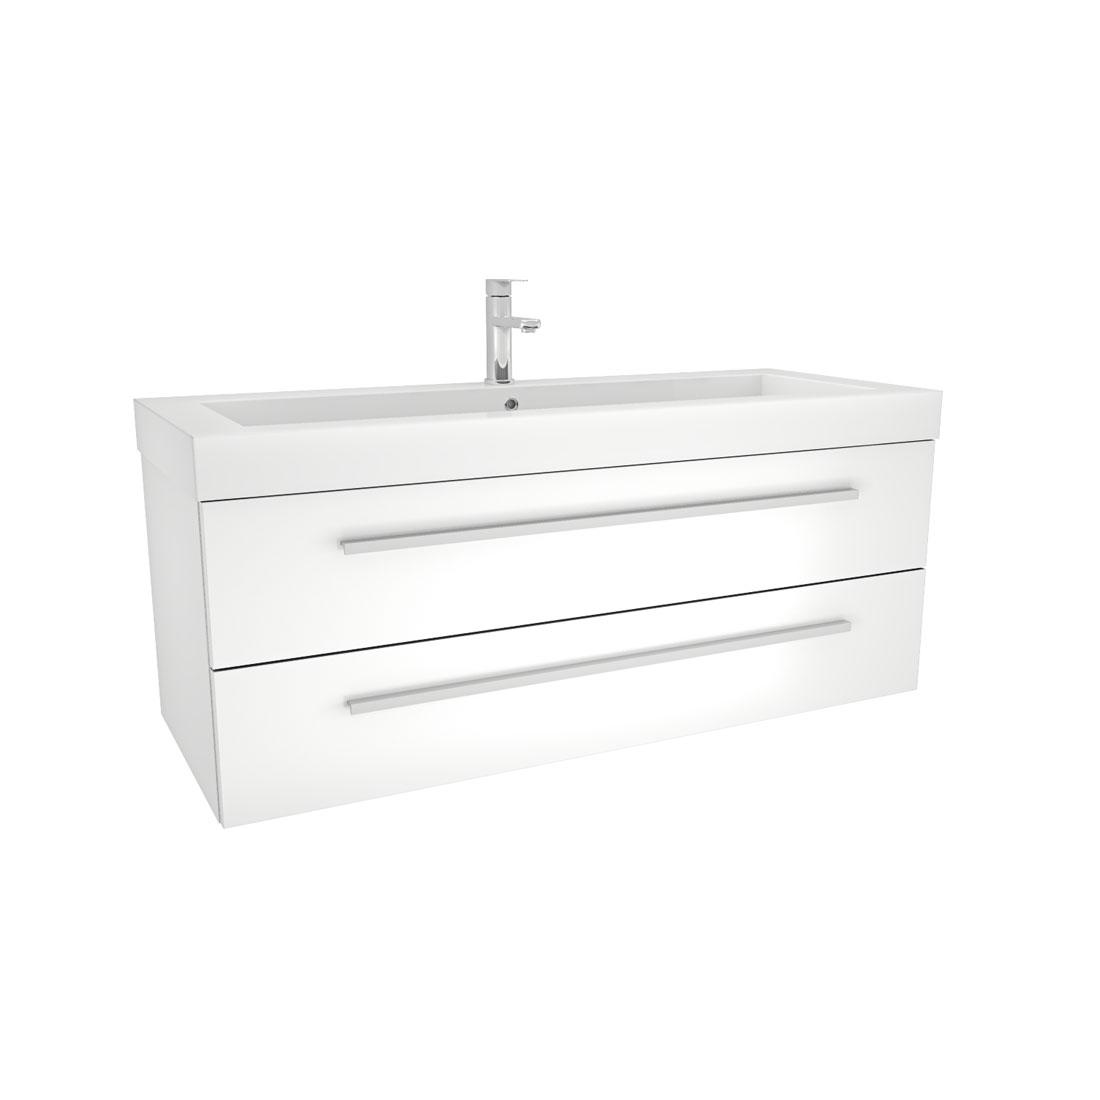 Badezimmer Unterschrank Weiß   Badmobel Set City 101 V1 Hochglanz Weiss Badezimmermobel Waschtisch